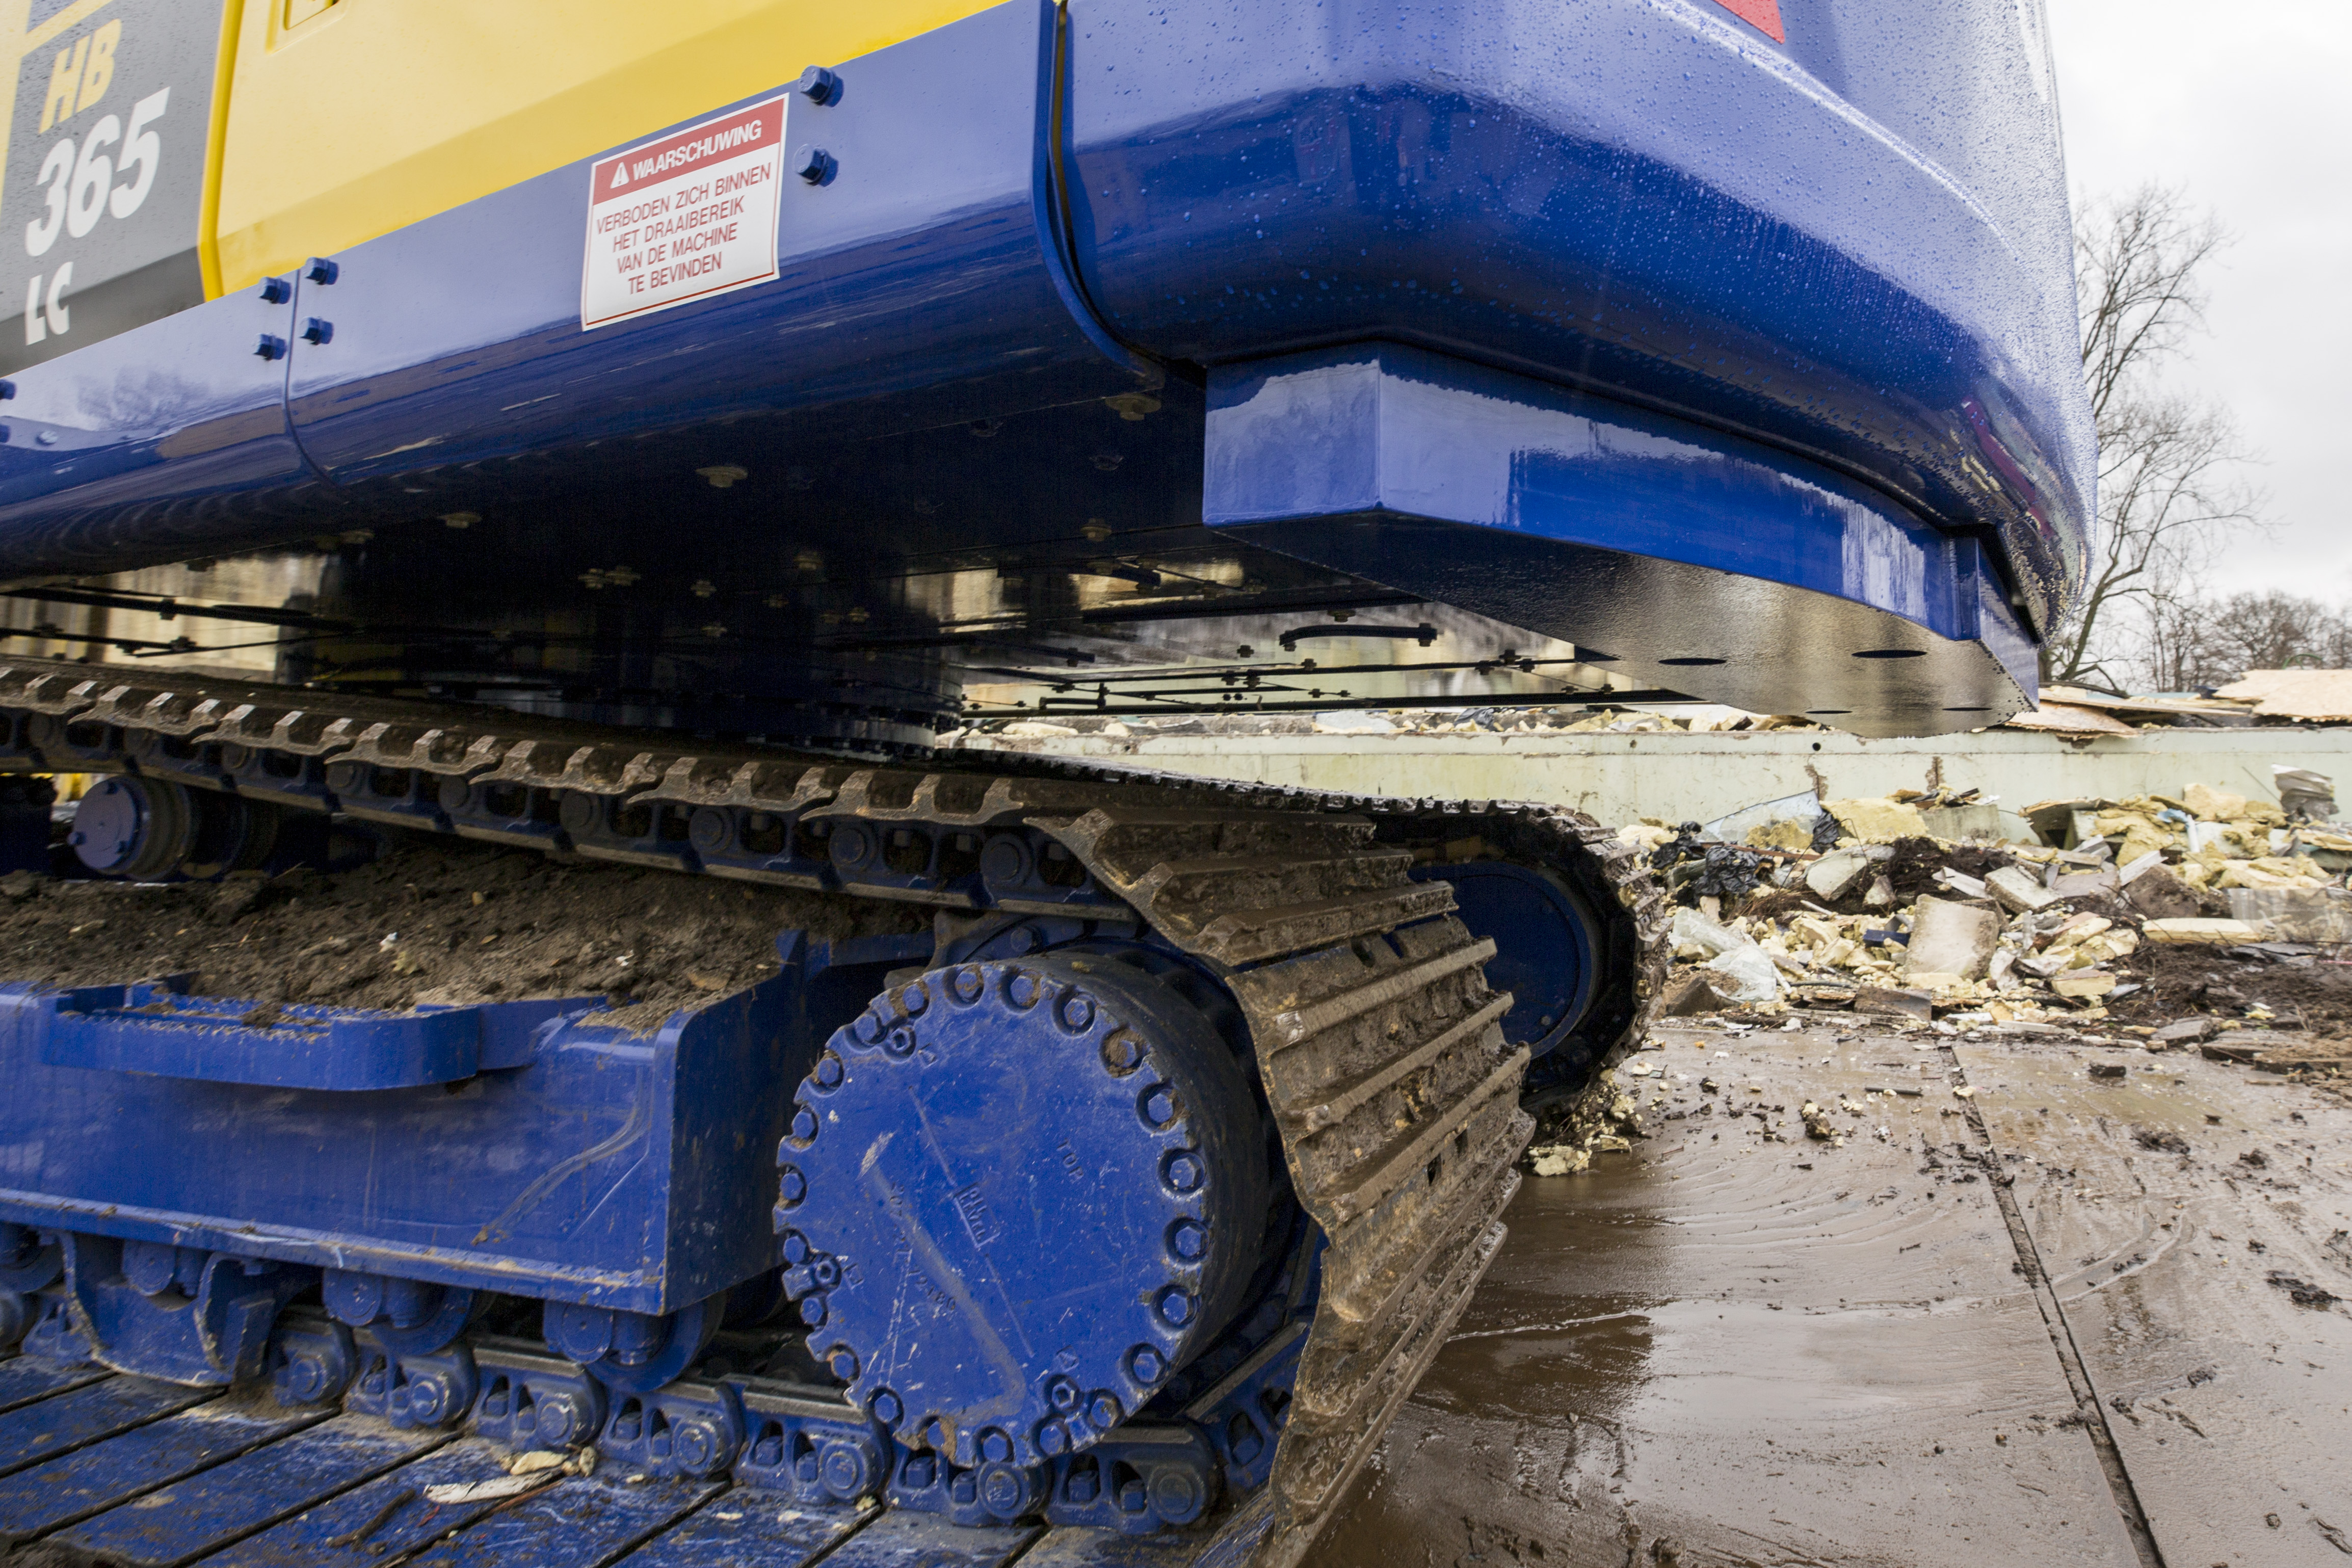 <p>Aan de onderzijde van de bovenwagen is extra ballast aangebracht om de stabiliteit van de machine verder te verbeteren.</p>